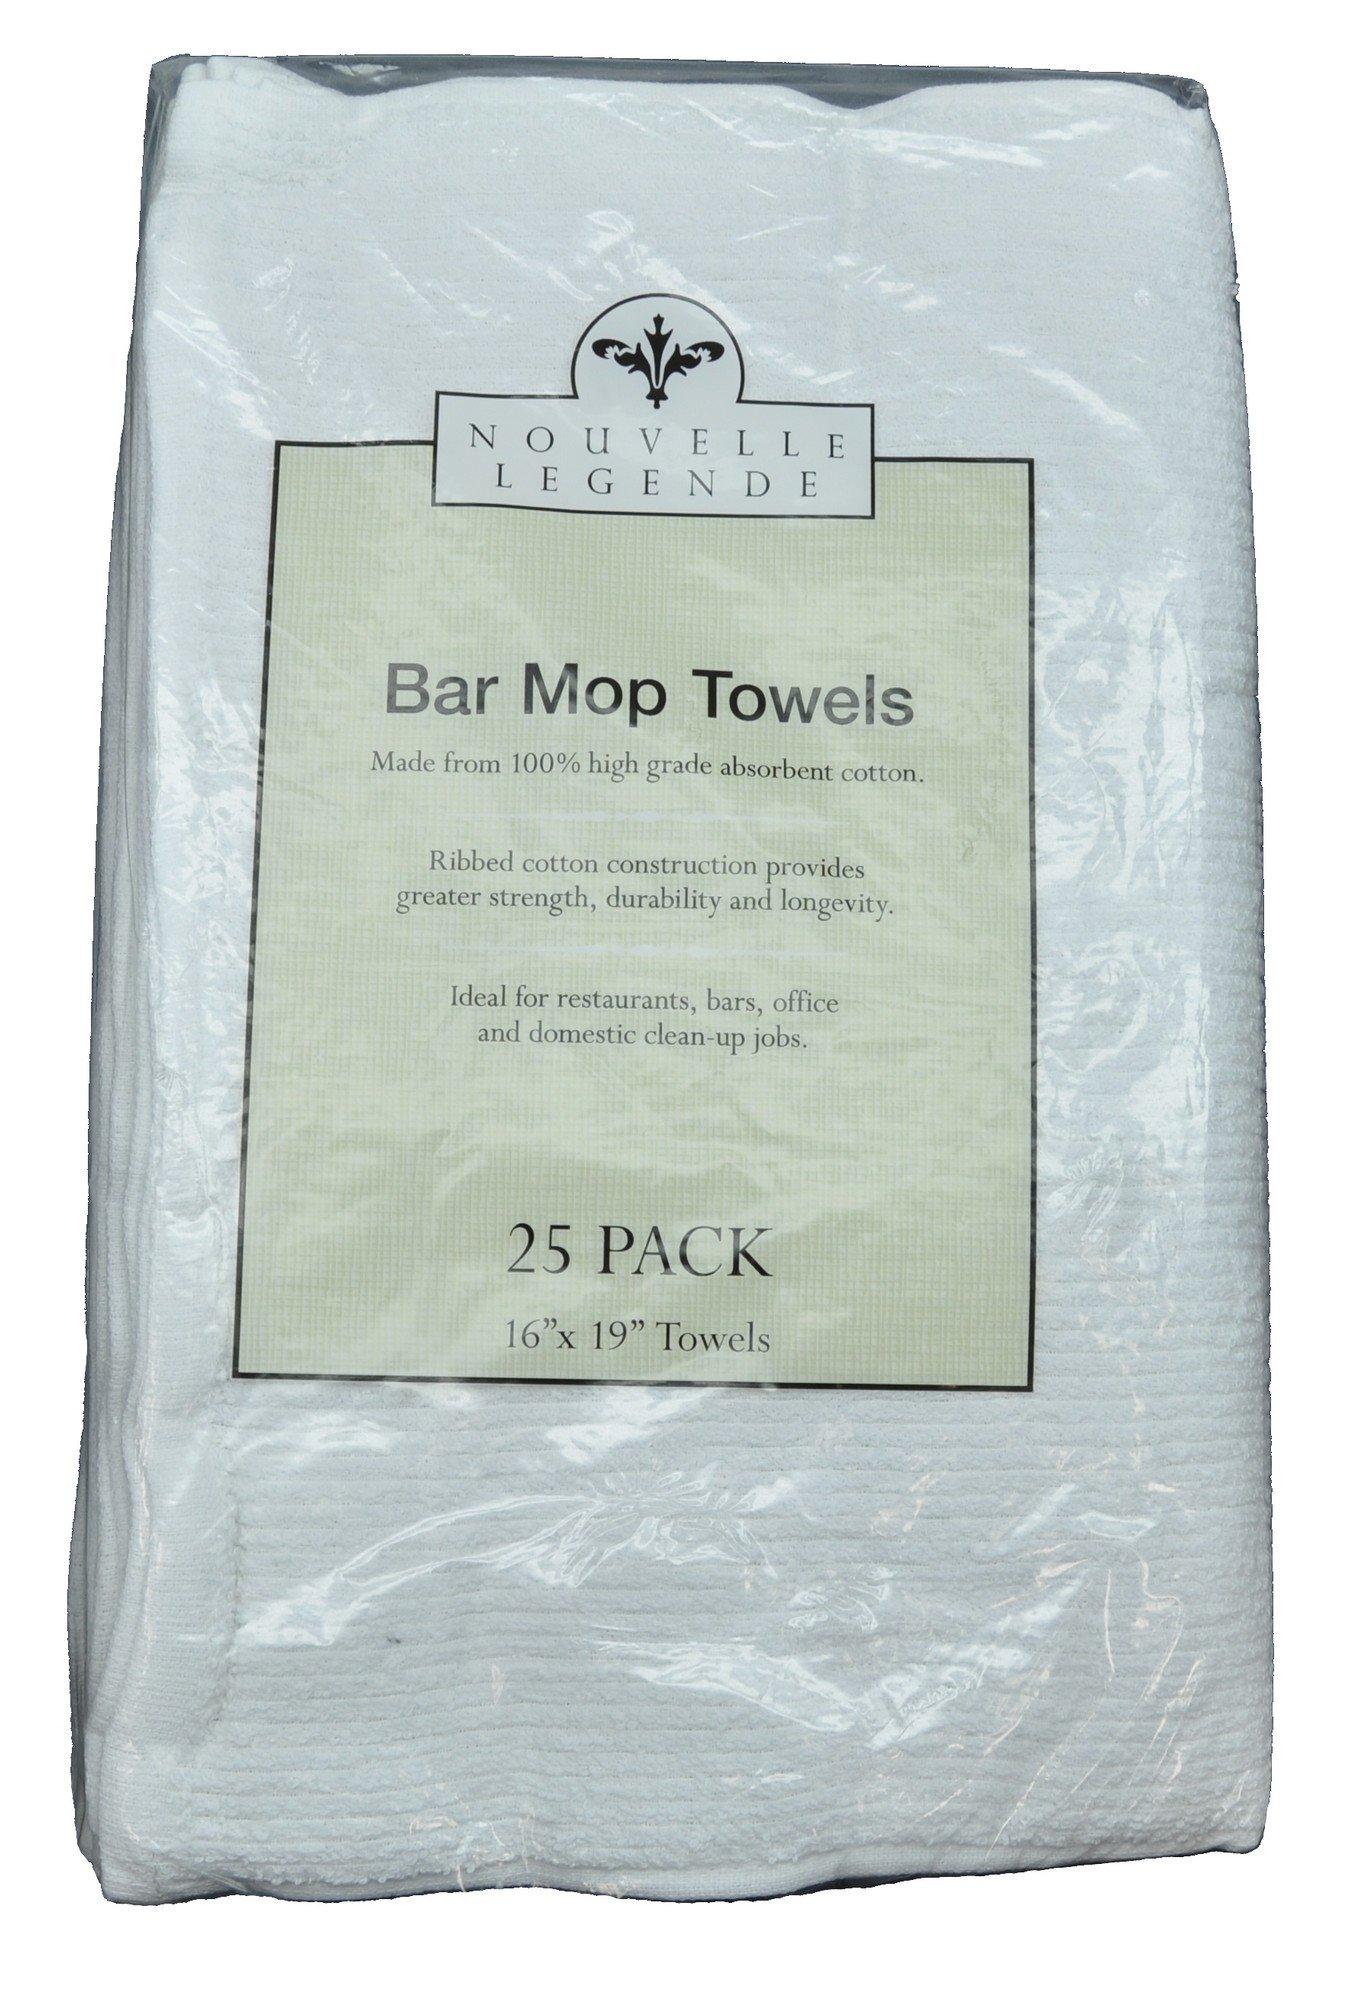 Nouvelle Legende Cotton Bar Mop Ribbed Towels Commercial Grade (25-Pack) by Nouvelle Legende (Image #4)